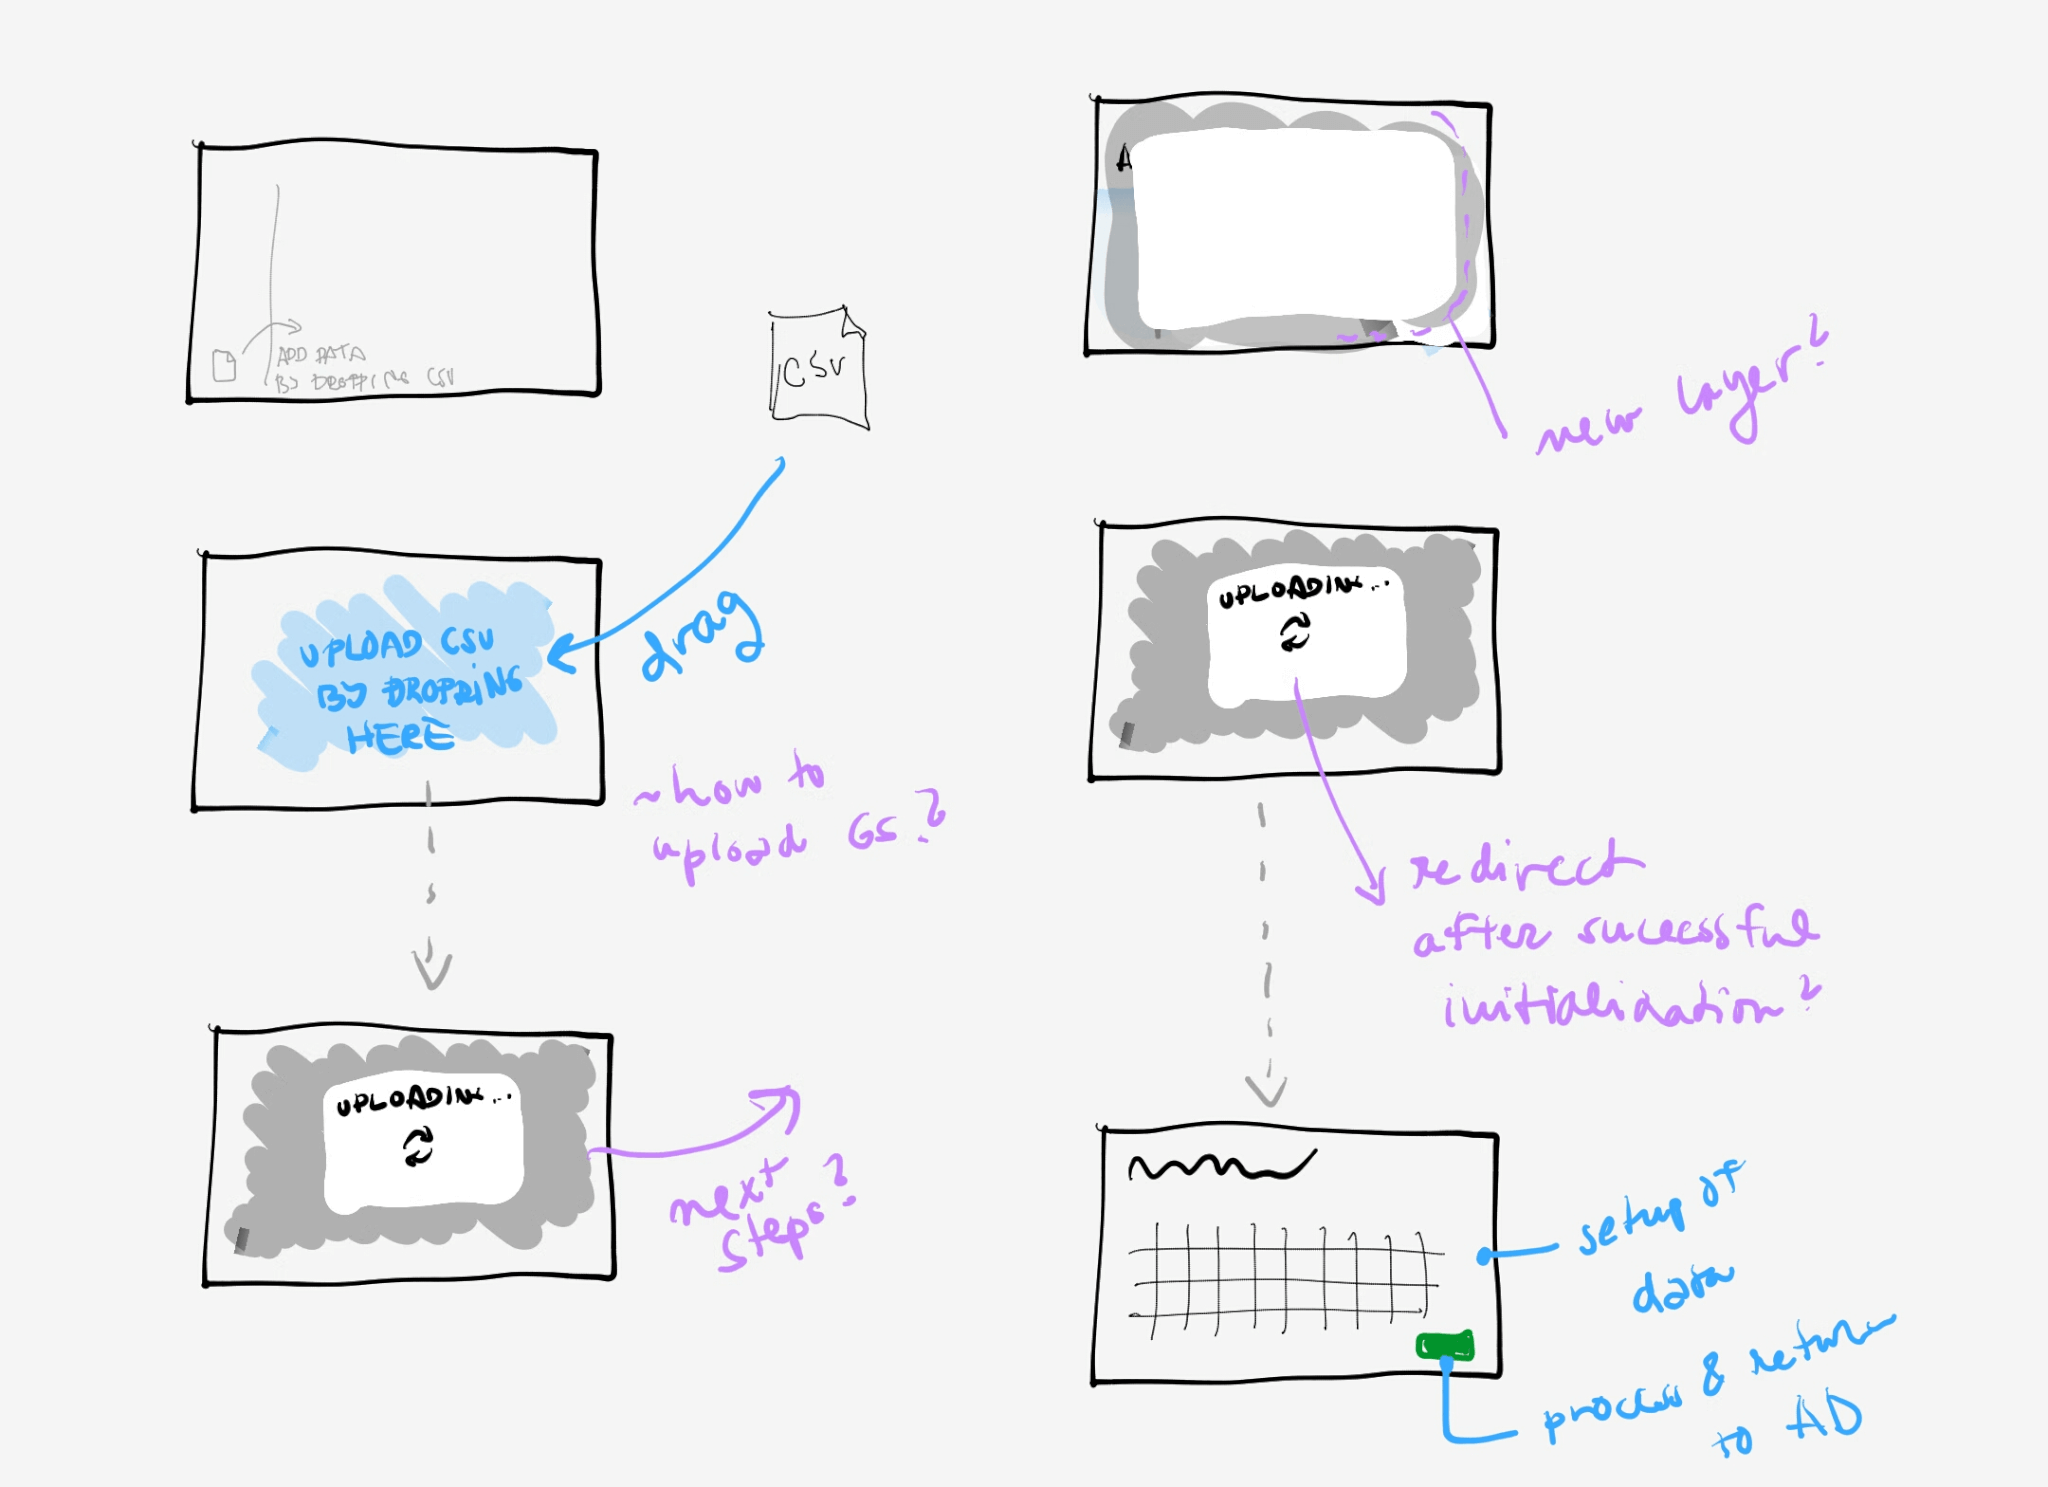 Skicováním se snažím prozkoumat různé nápady na řešení. Mně osobně to stačí hodně koncepčně.